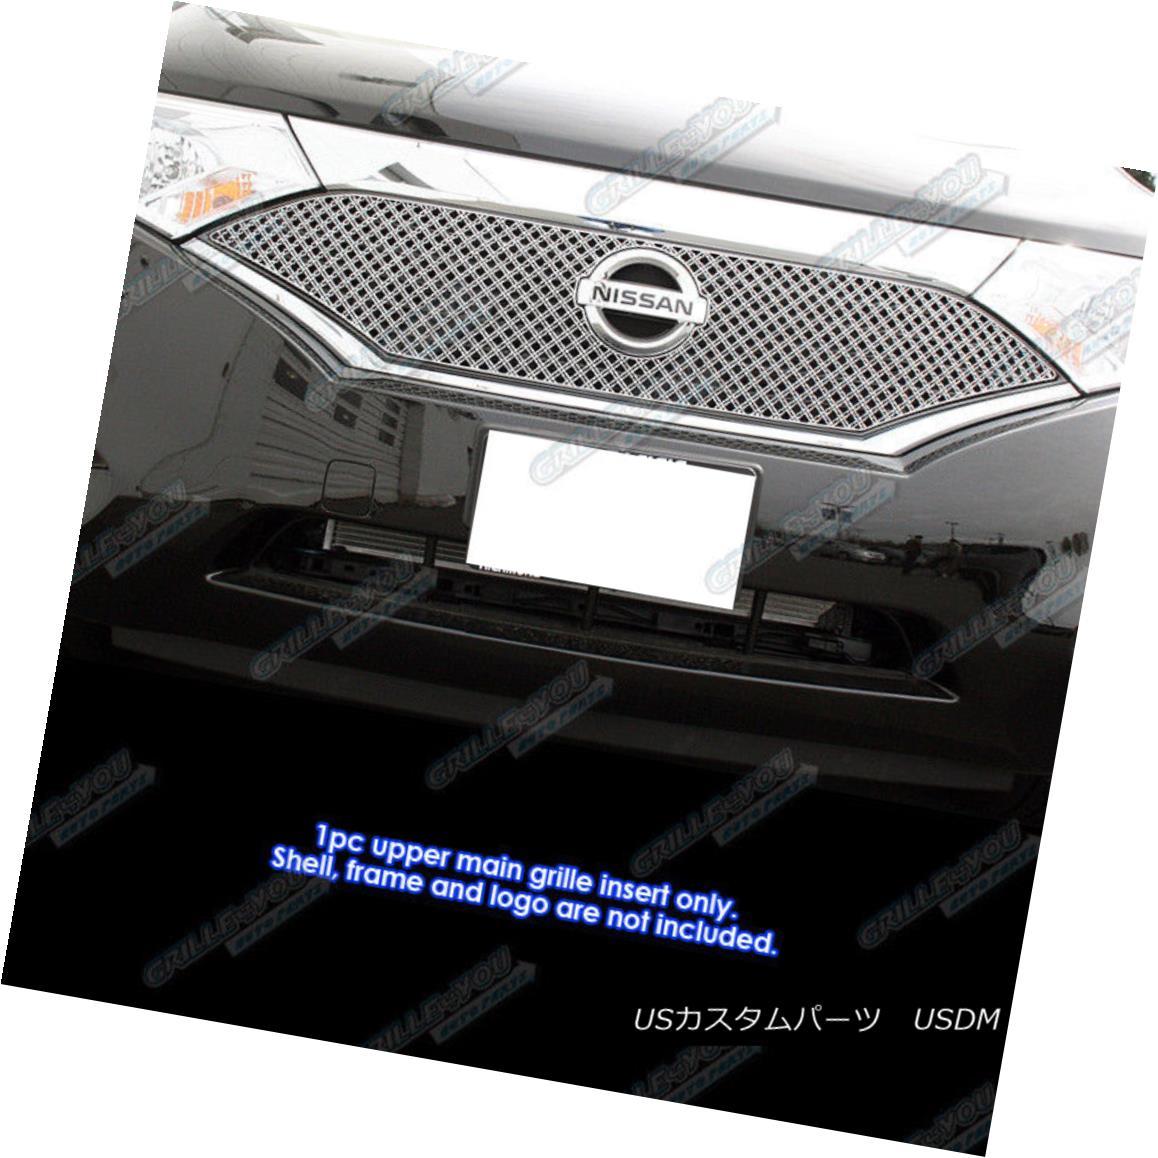 グリル Fits 2012-2016 Nissan Quest Stainless Double Wire X Mesh Grille Insert フィット2012-2016日産クエストステンレスダブルワイヤーXメッシュグリルインサート